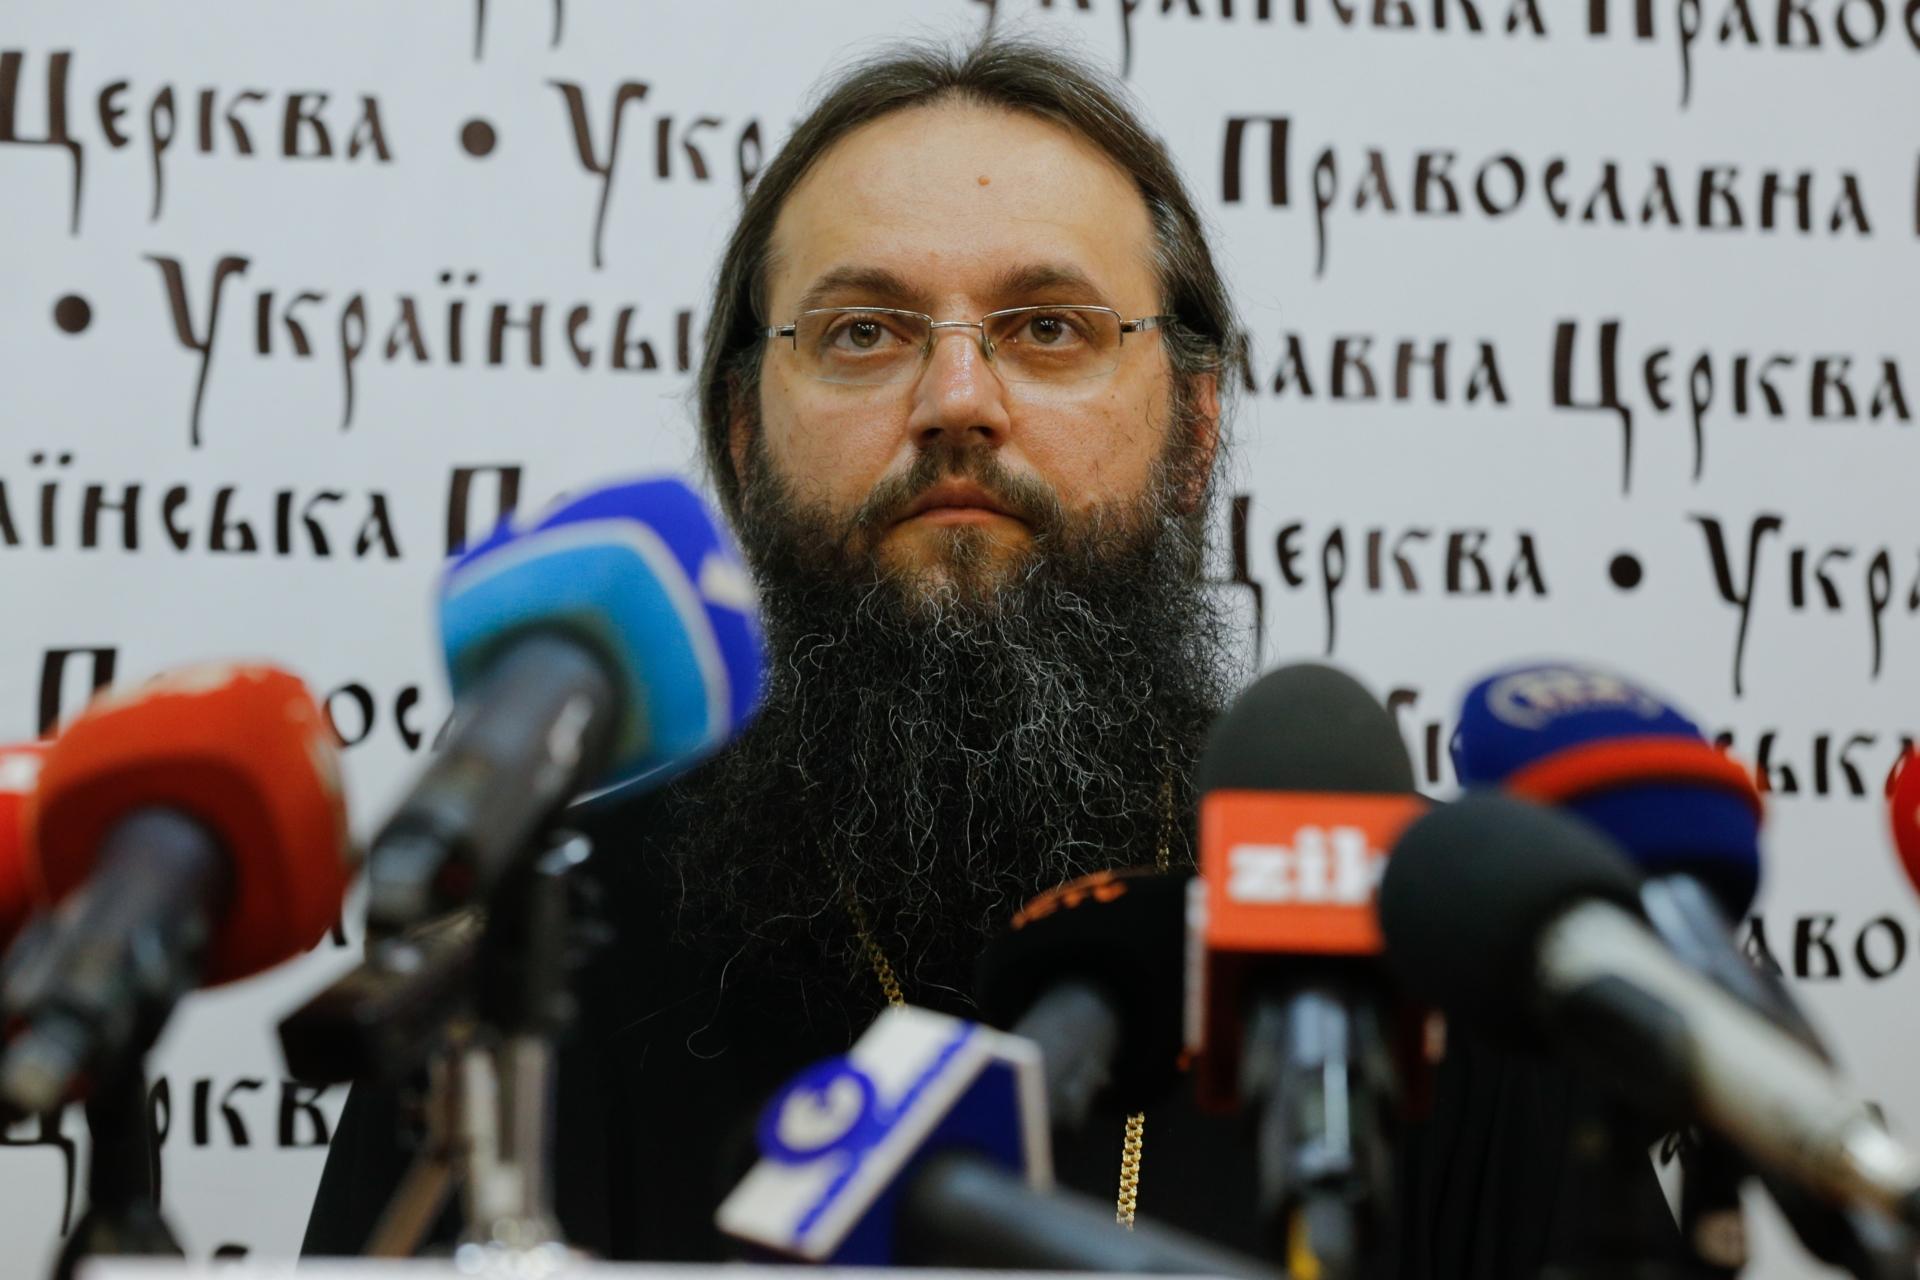 """Епископ-спикер УПЦ обещает """"гнев Божий на государство"""", если депутаты примут законы, мешающие УПЦ"""